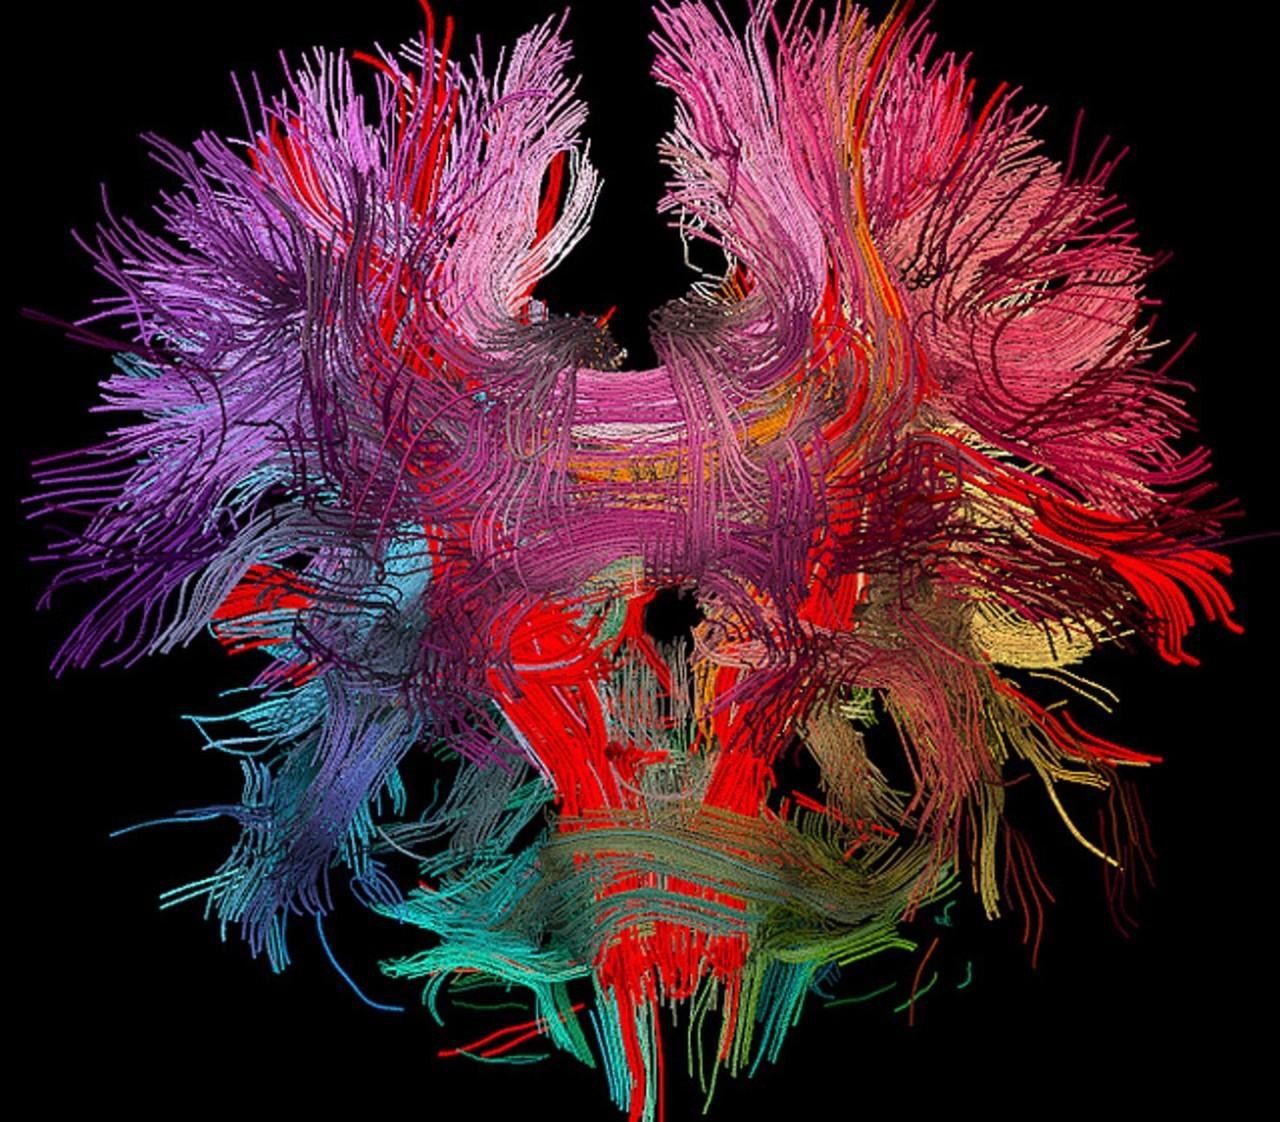 我们死后大脑会怎么样呢?